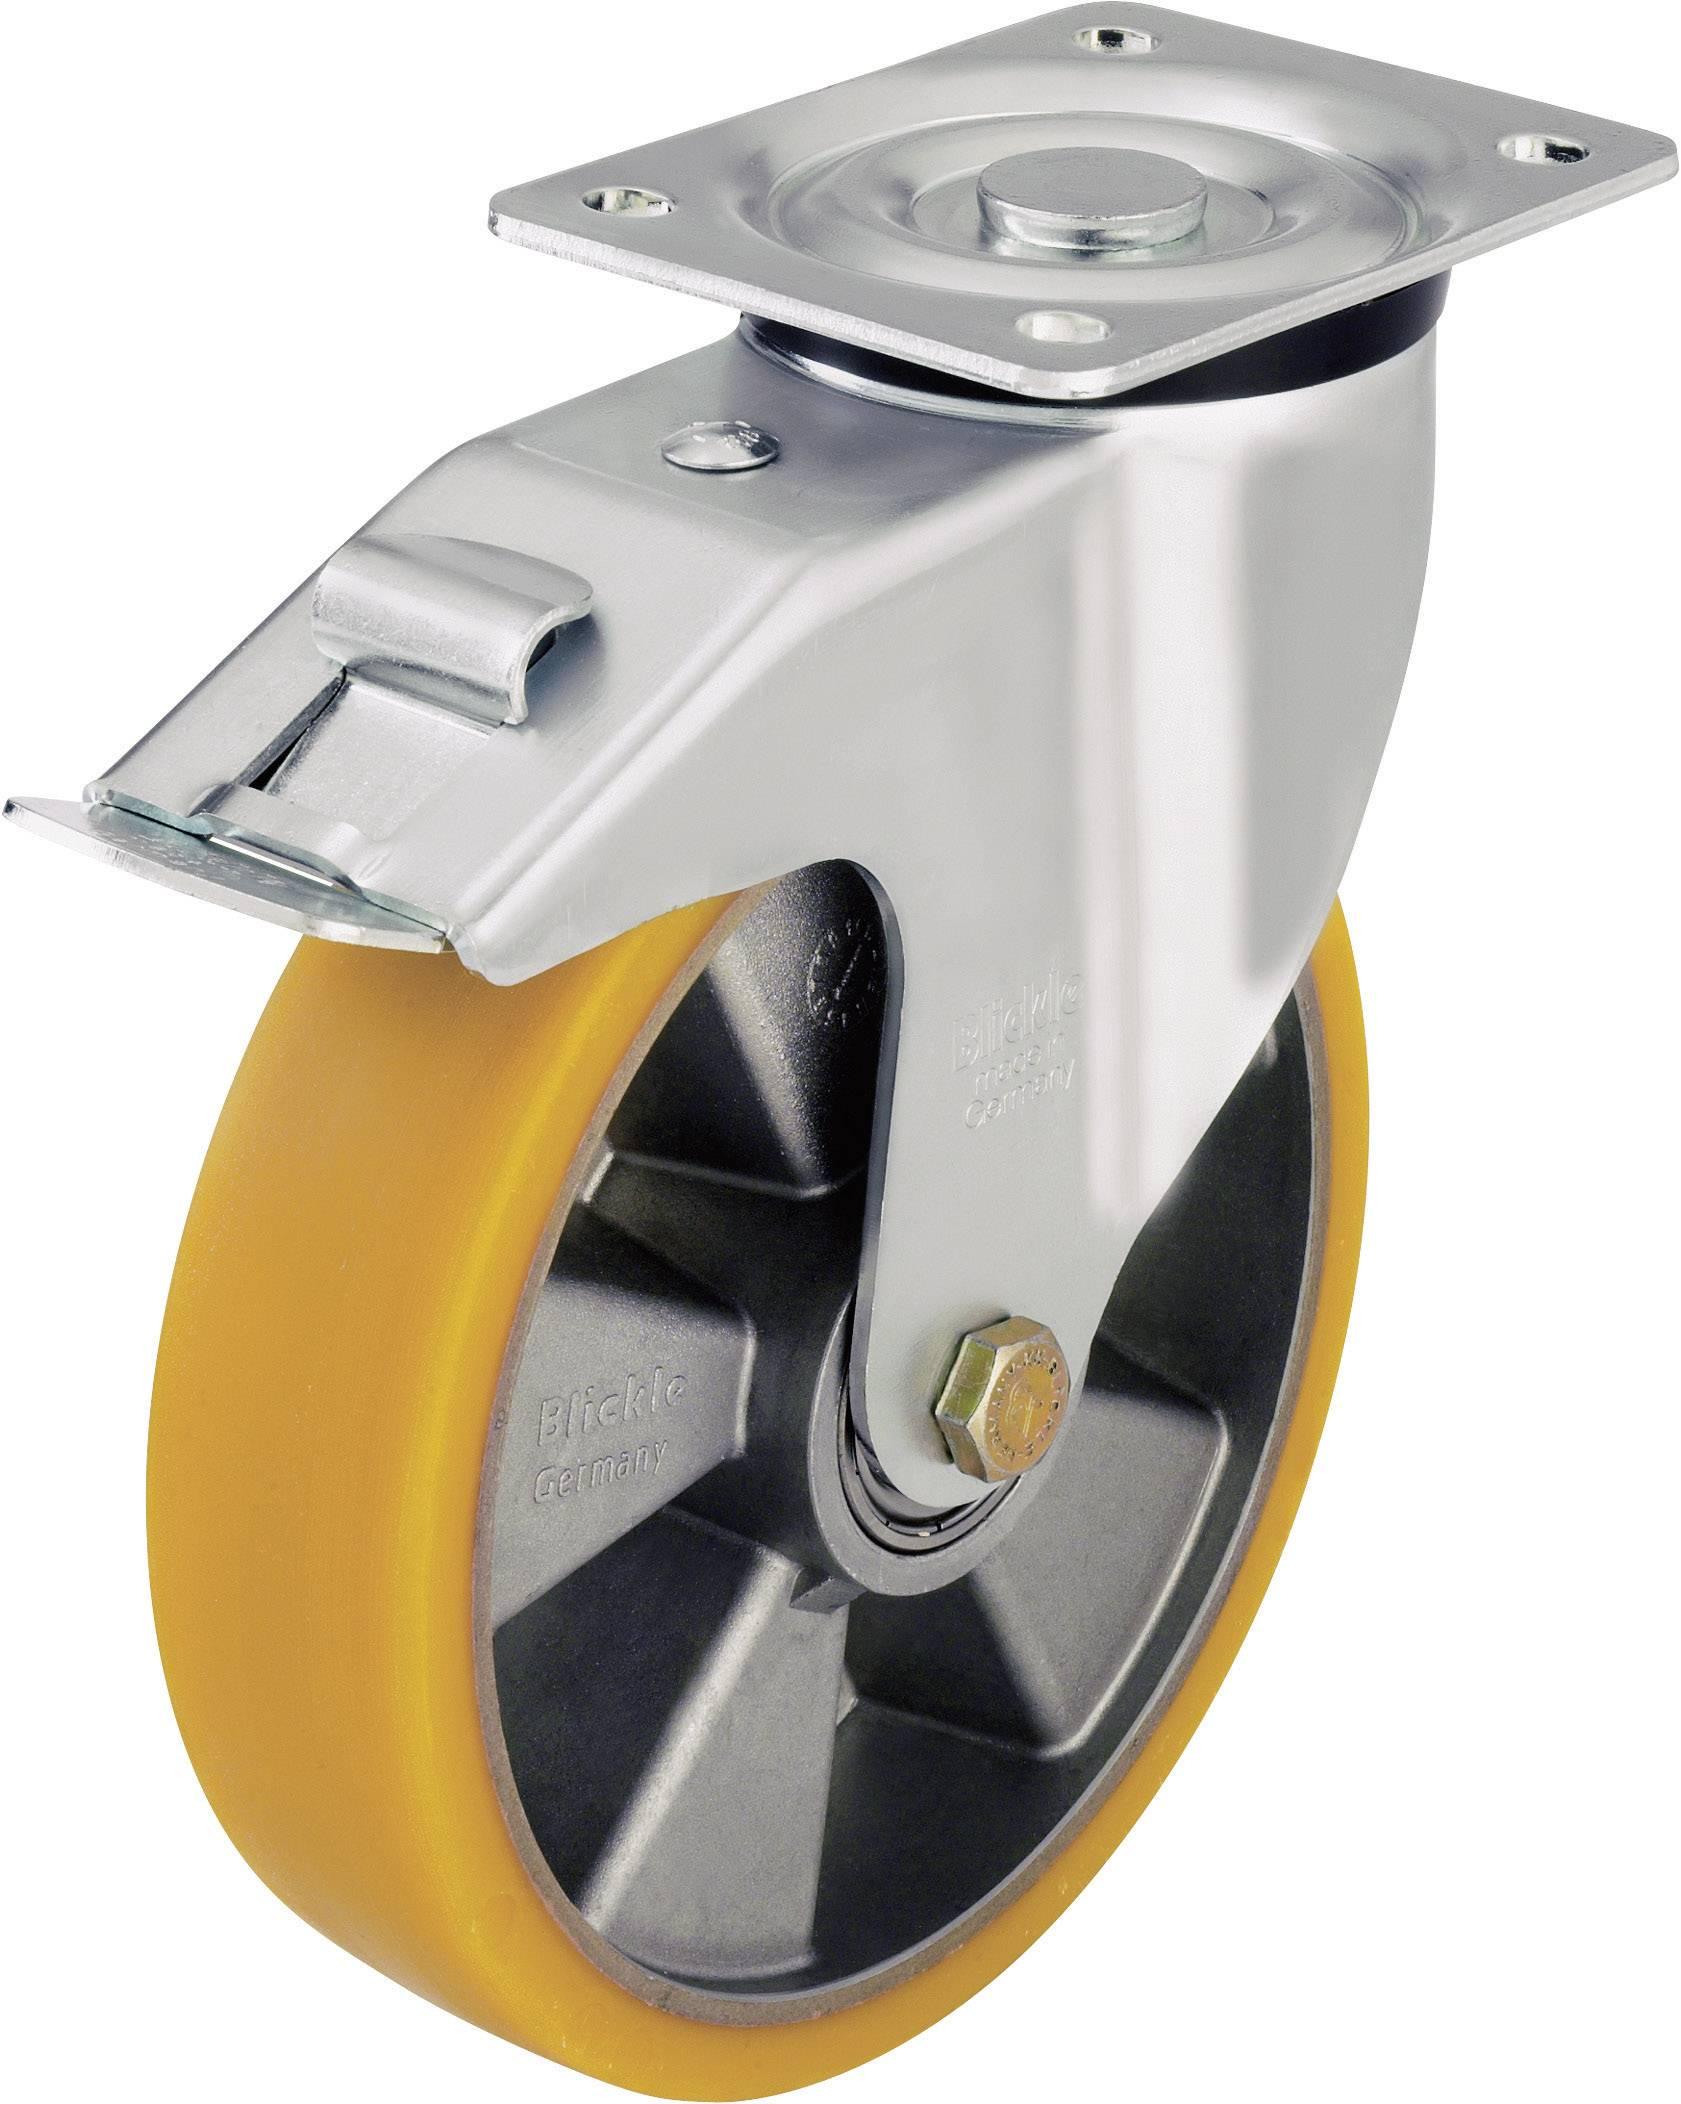 Populair Blickle 419796 Zwenkwiel met rem voor zware belastingen Uitvoering NF09